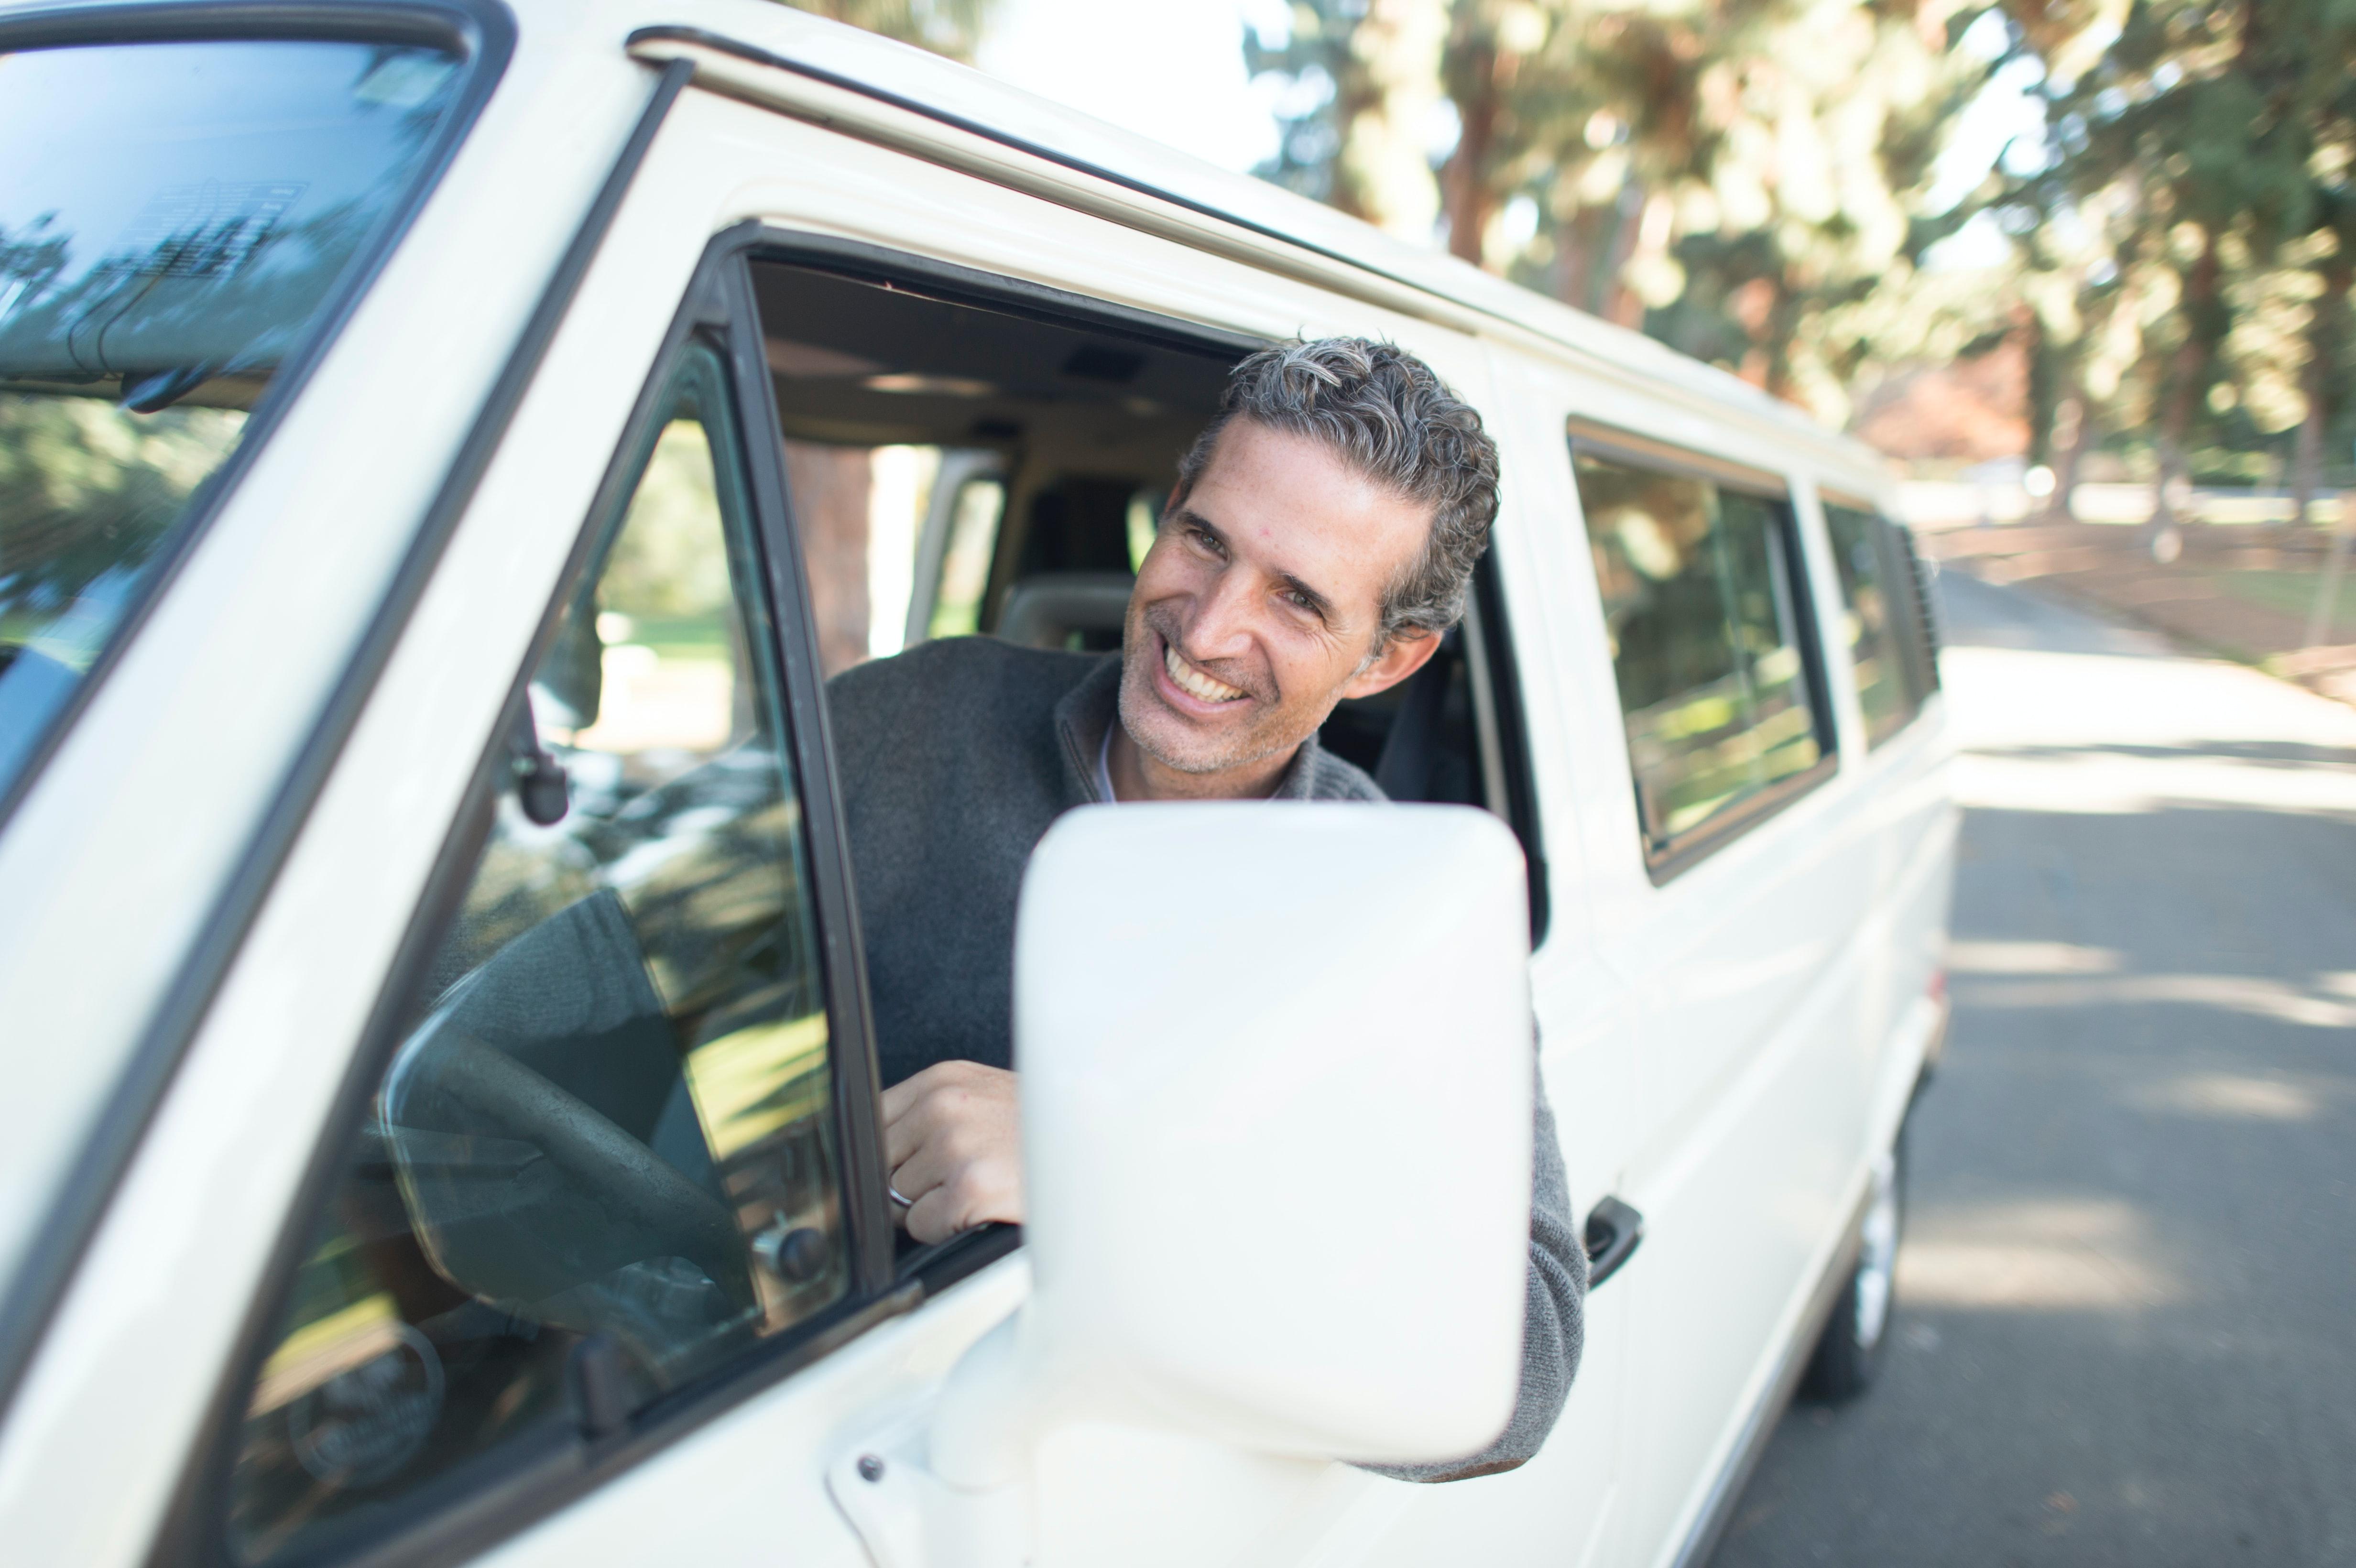 Happy man in minibus